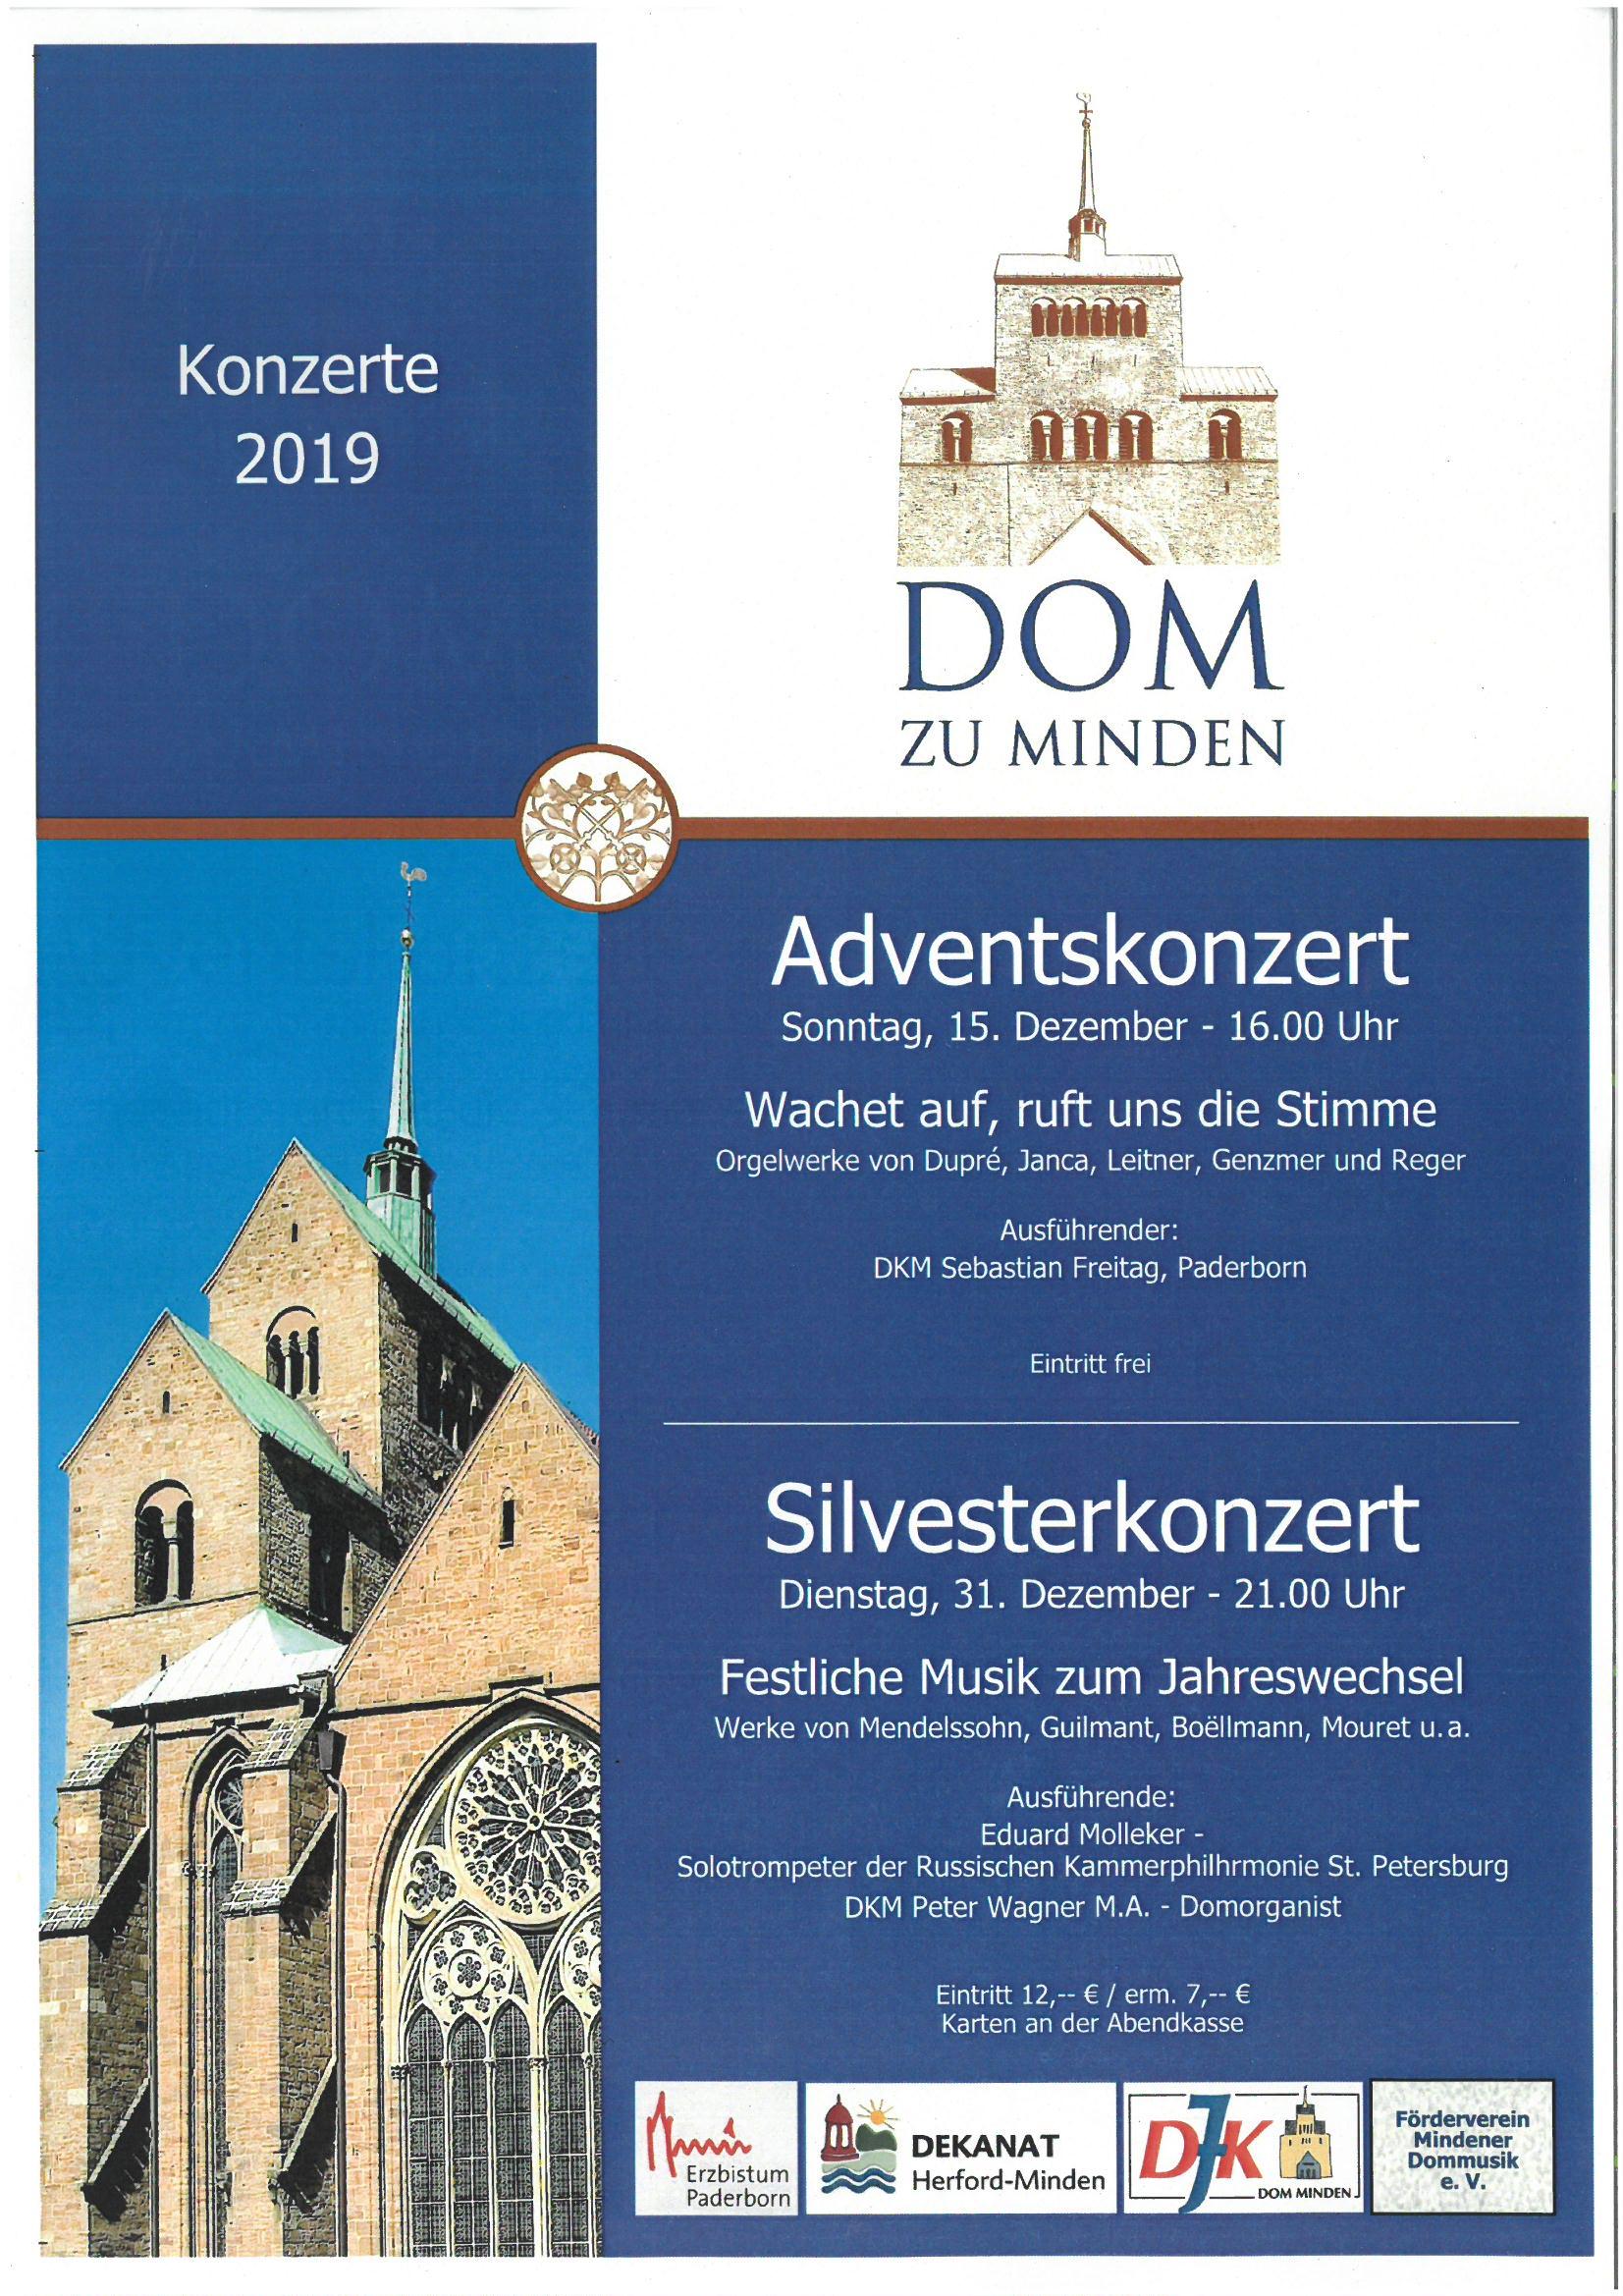 Adventskonzert und Silvesterkonzert 2019